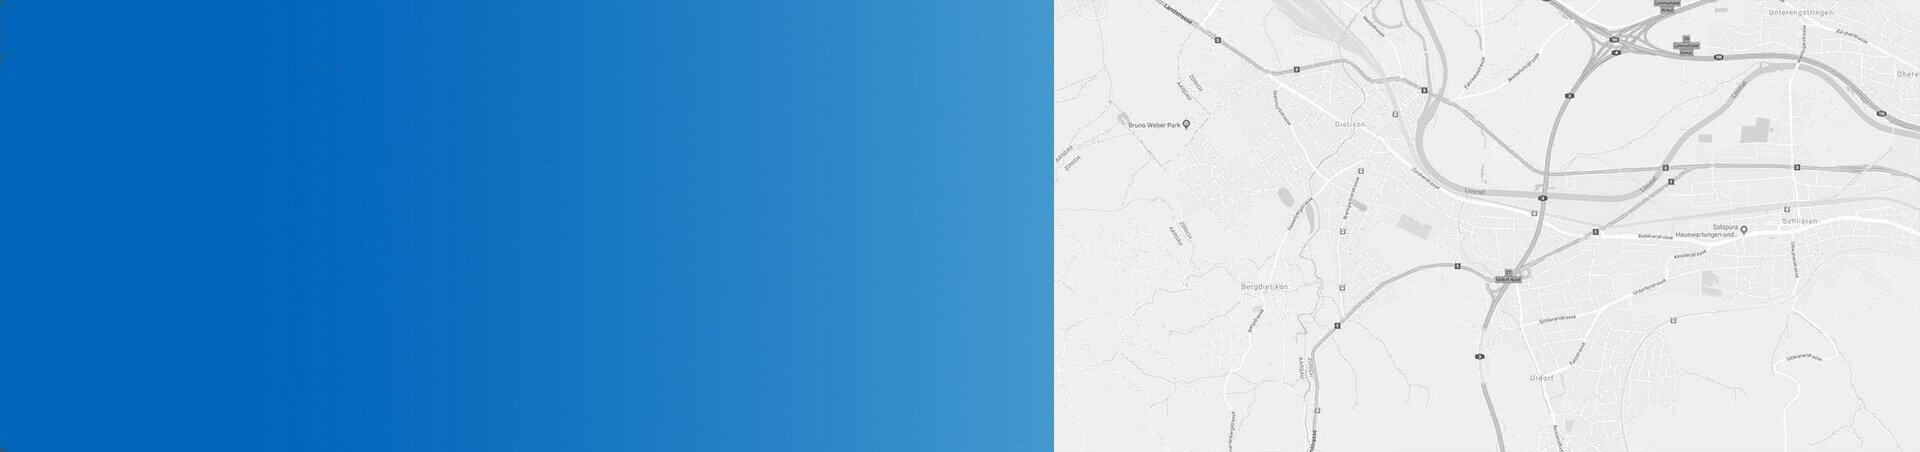 Strassenkarte in Schwarz-Weiss mit blauem Hintergrund